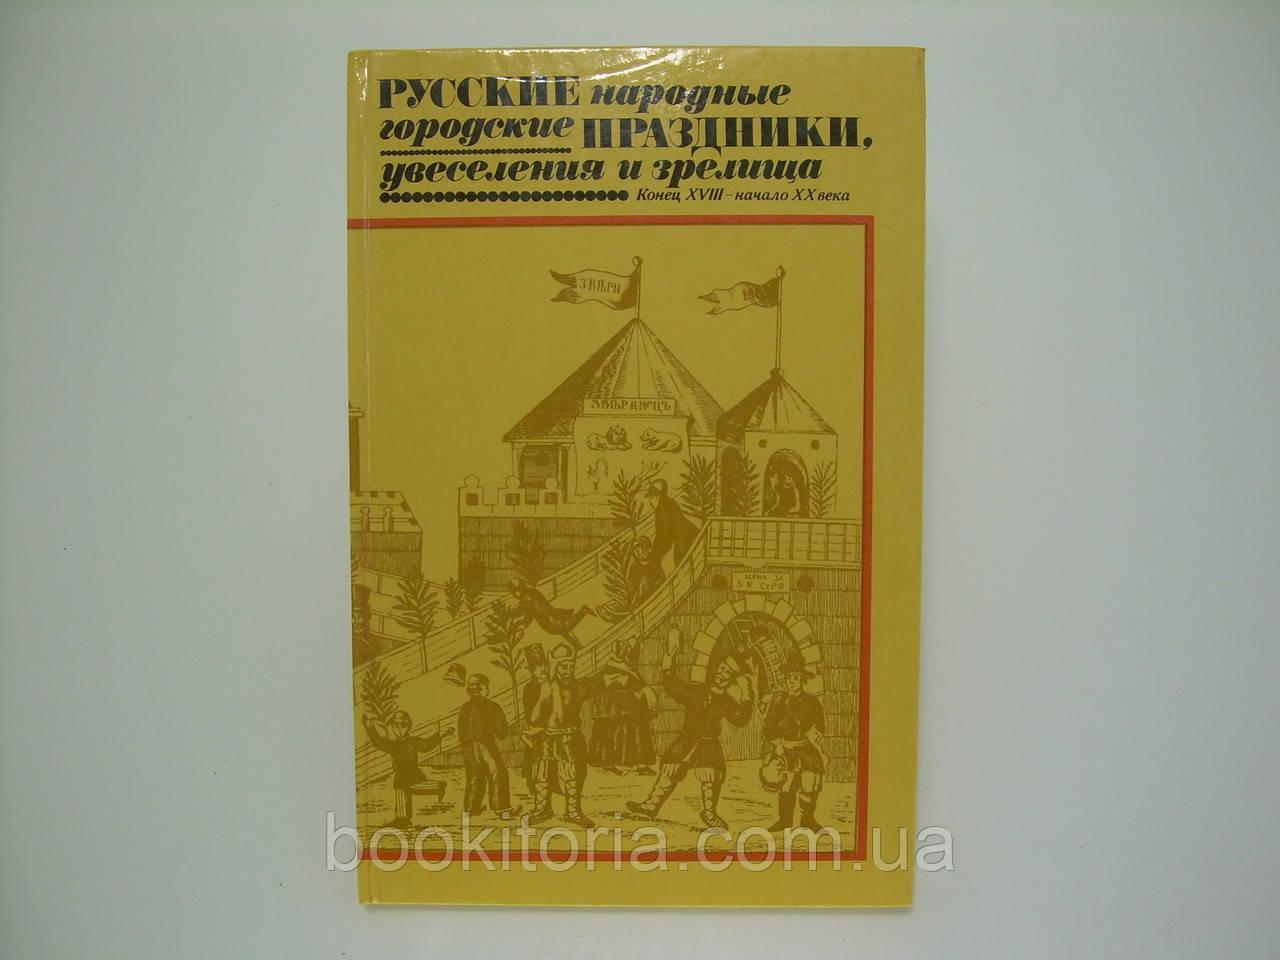 Некрылова А.Ф. Русские народные городские праздники, увеселения и зрелища (б/у).